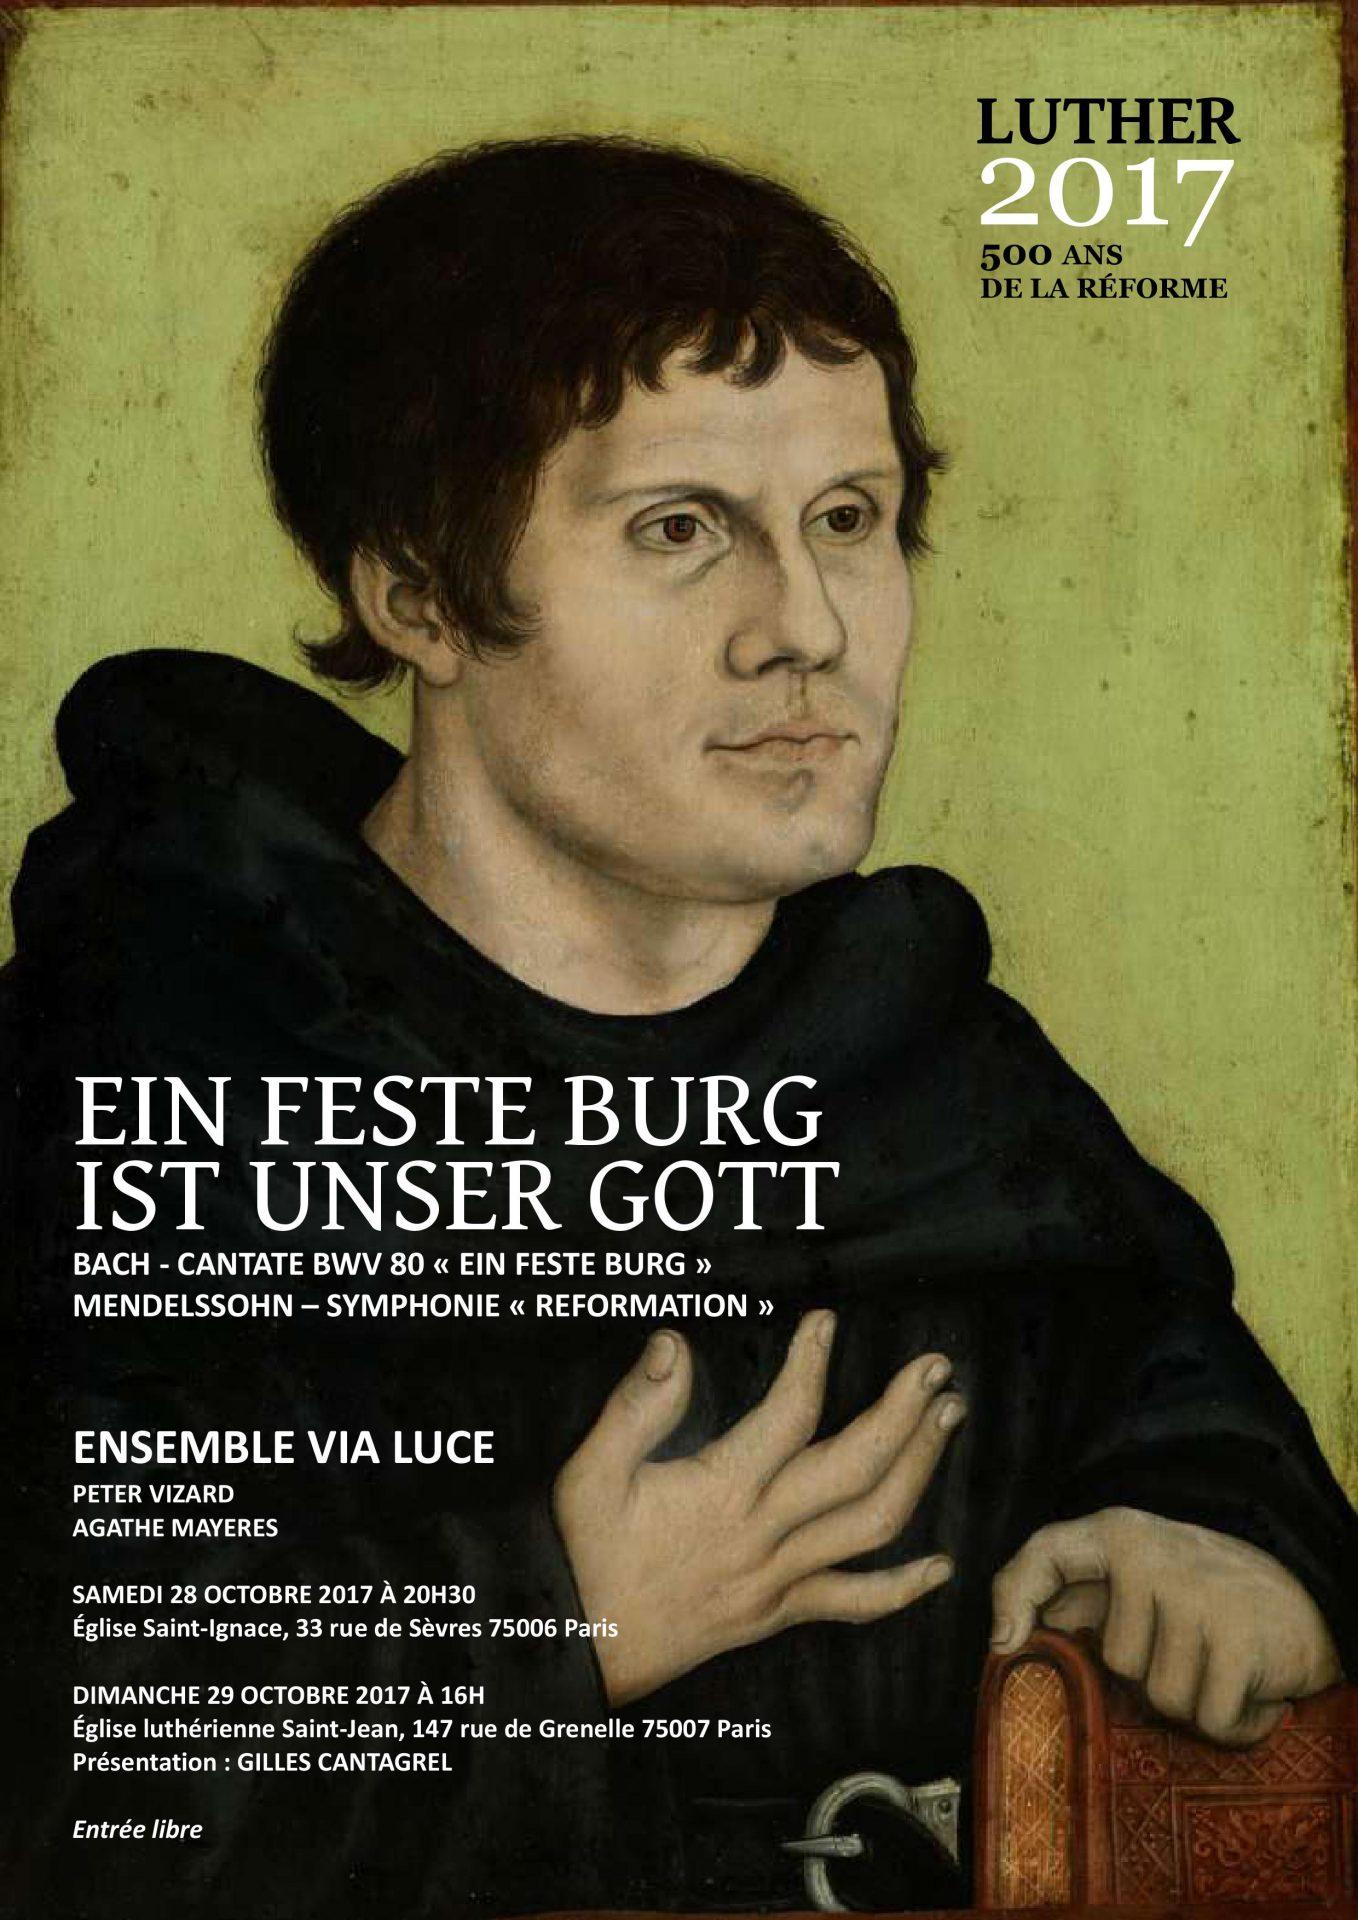 Affiche concert Via Luce 29 octobre 2017